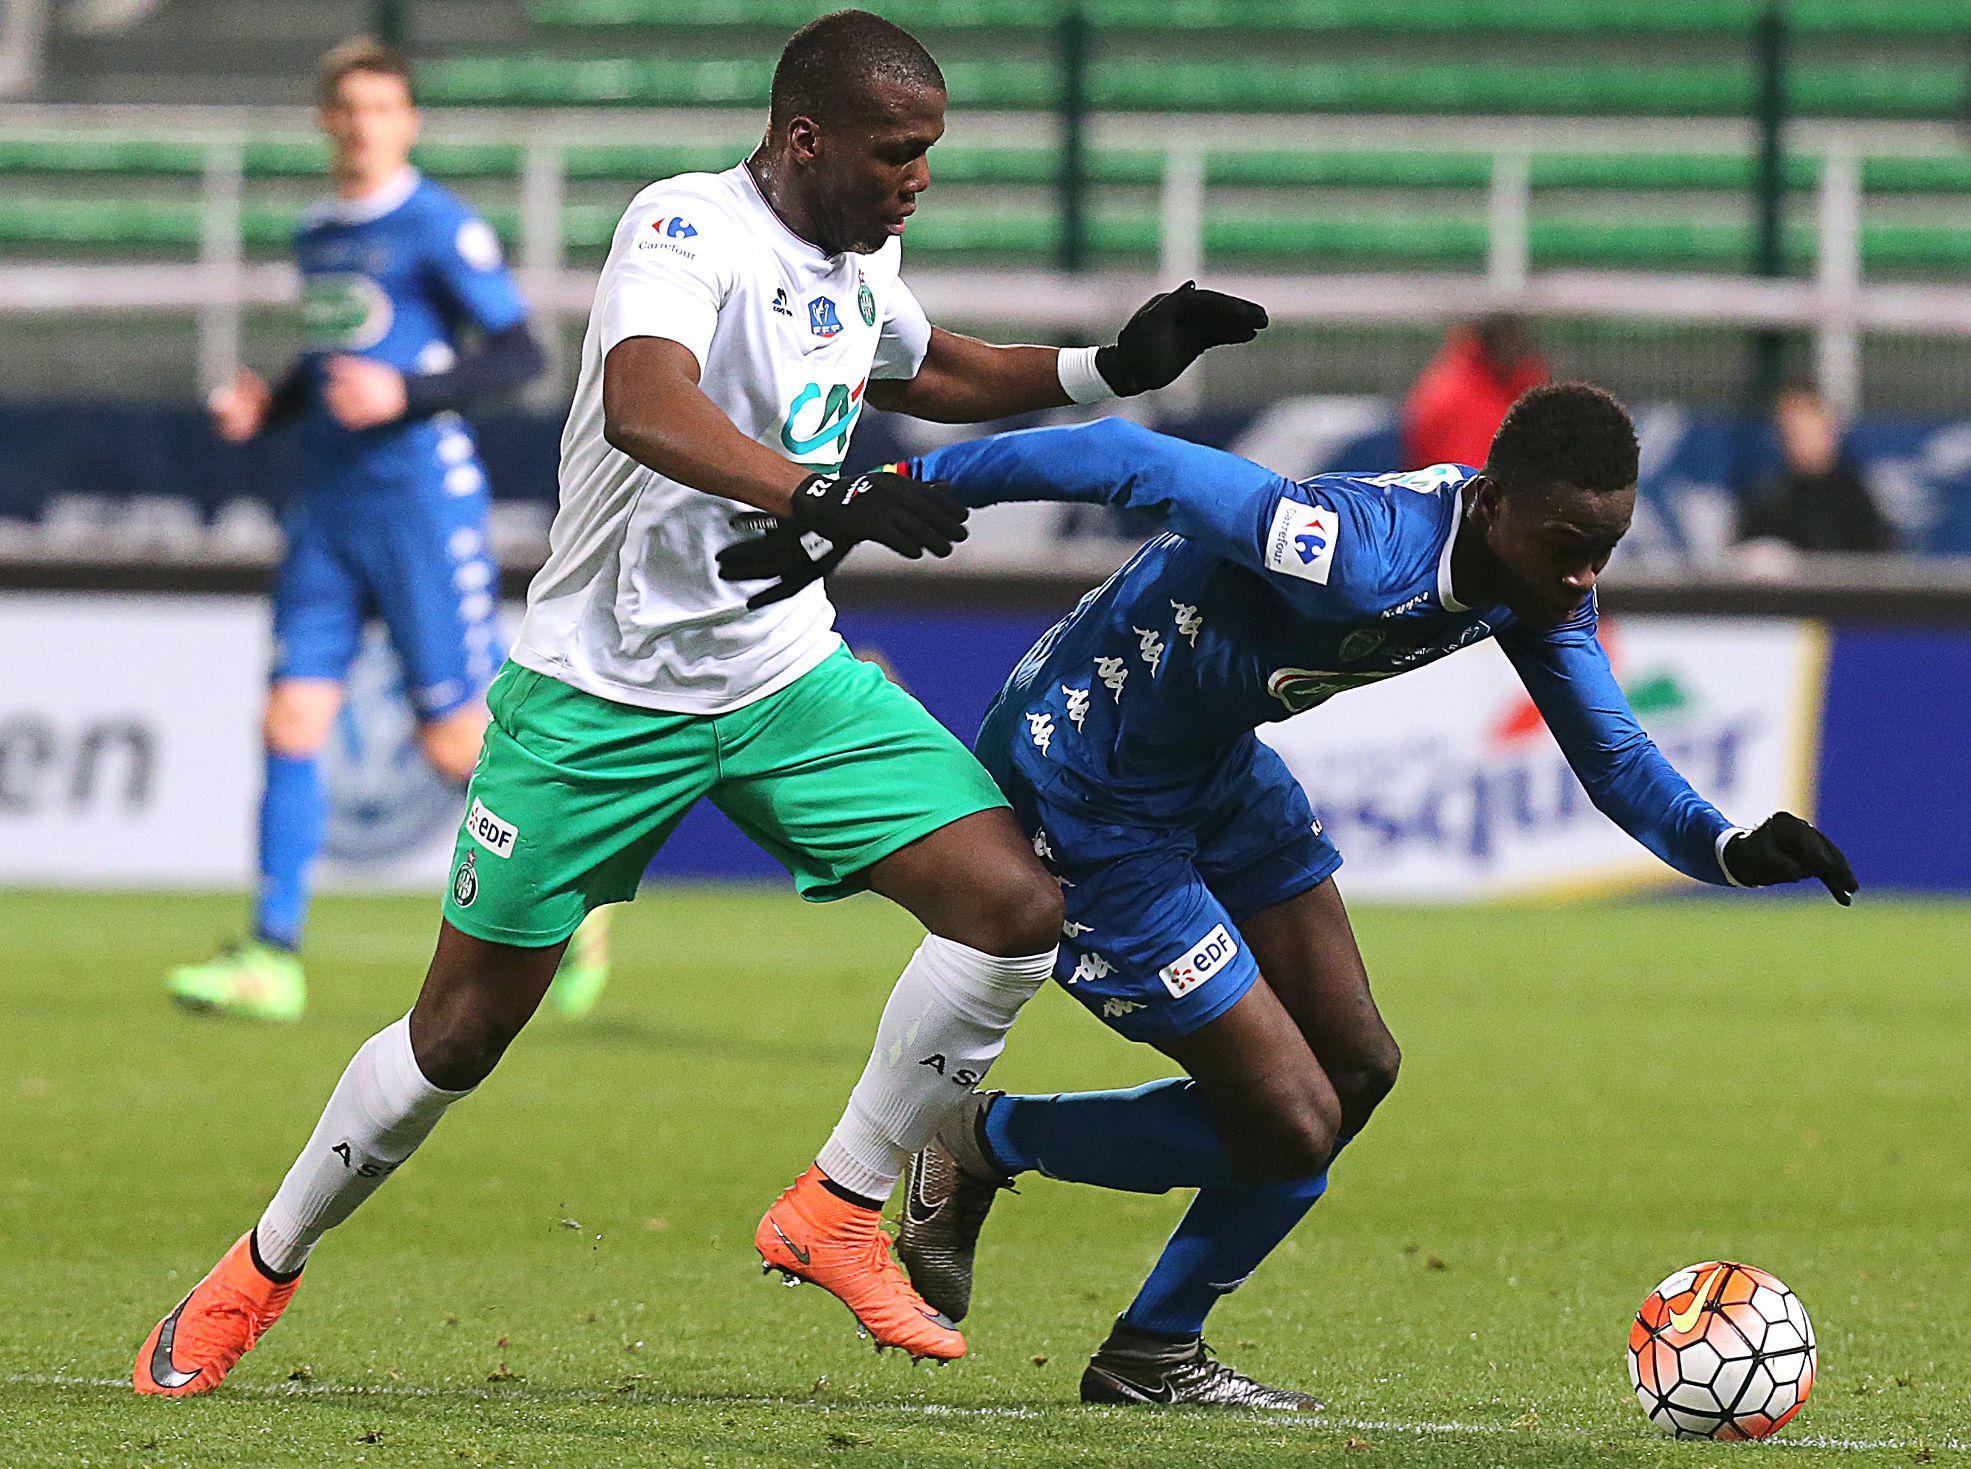 Troyes saint etienne en direct coupe de france football - Football coupe de france ...